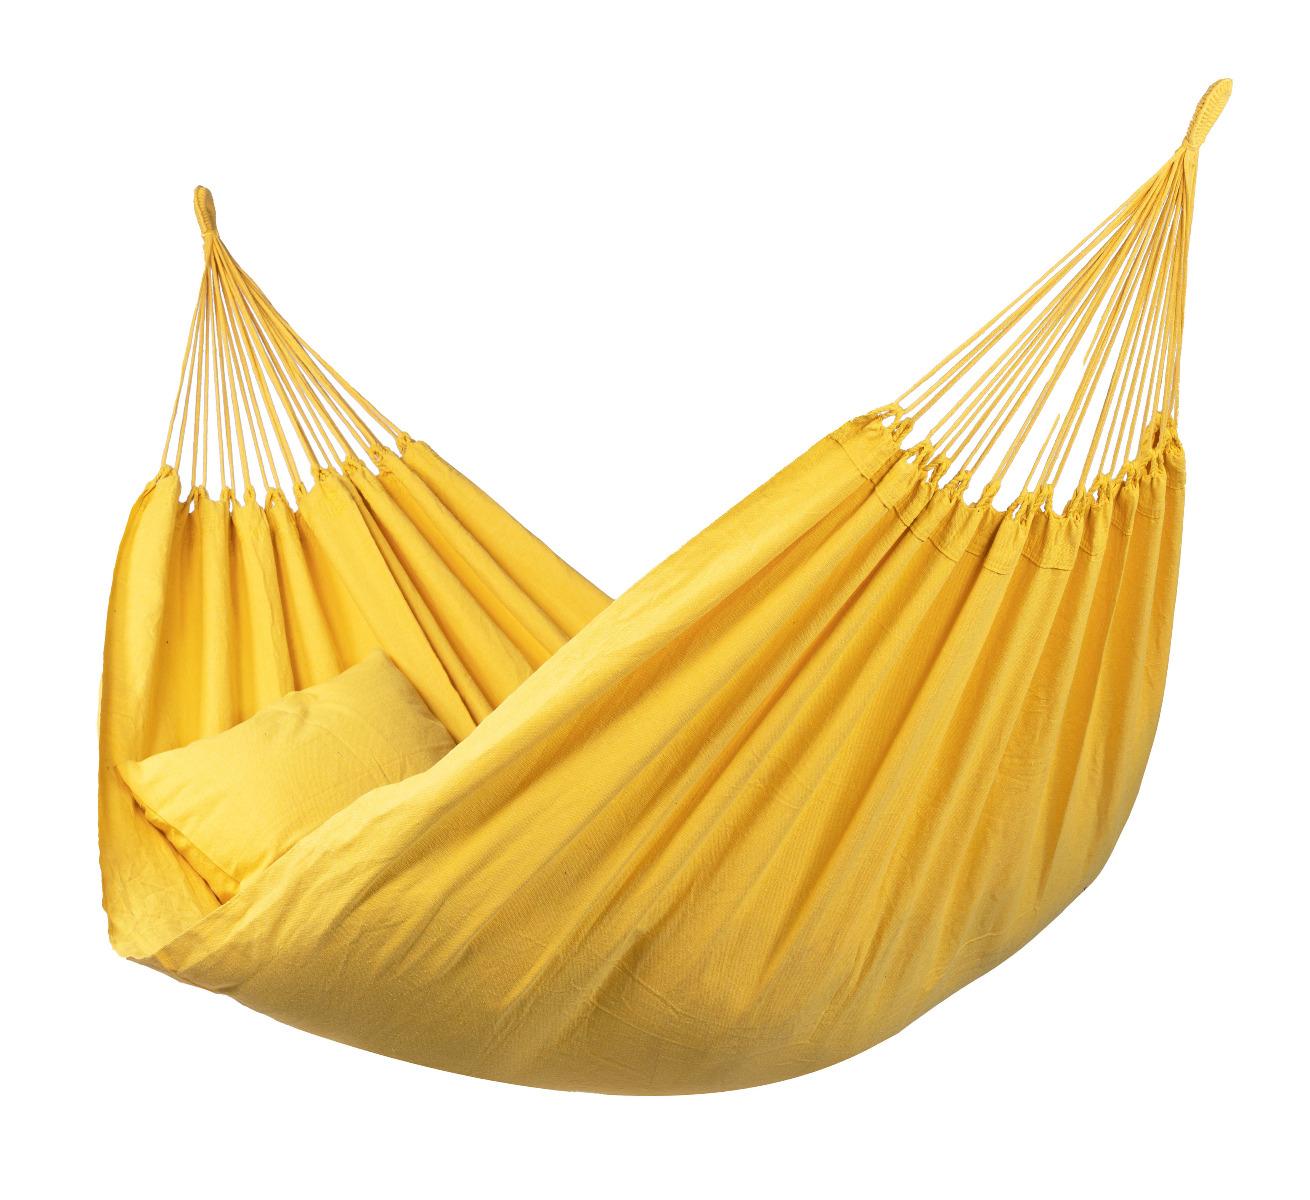 'Plain' Yellow E�npersoons Hangmat - Geel - Tropilex �